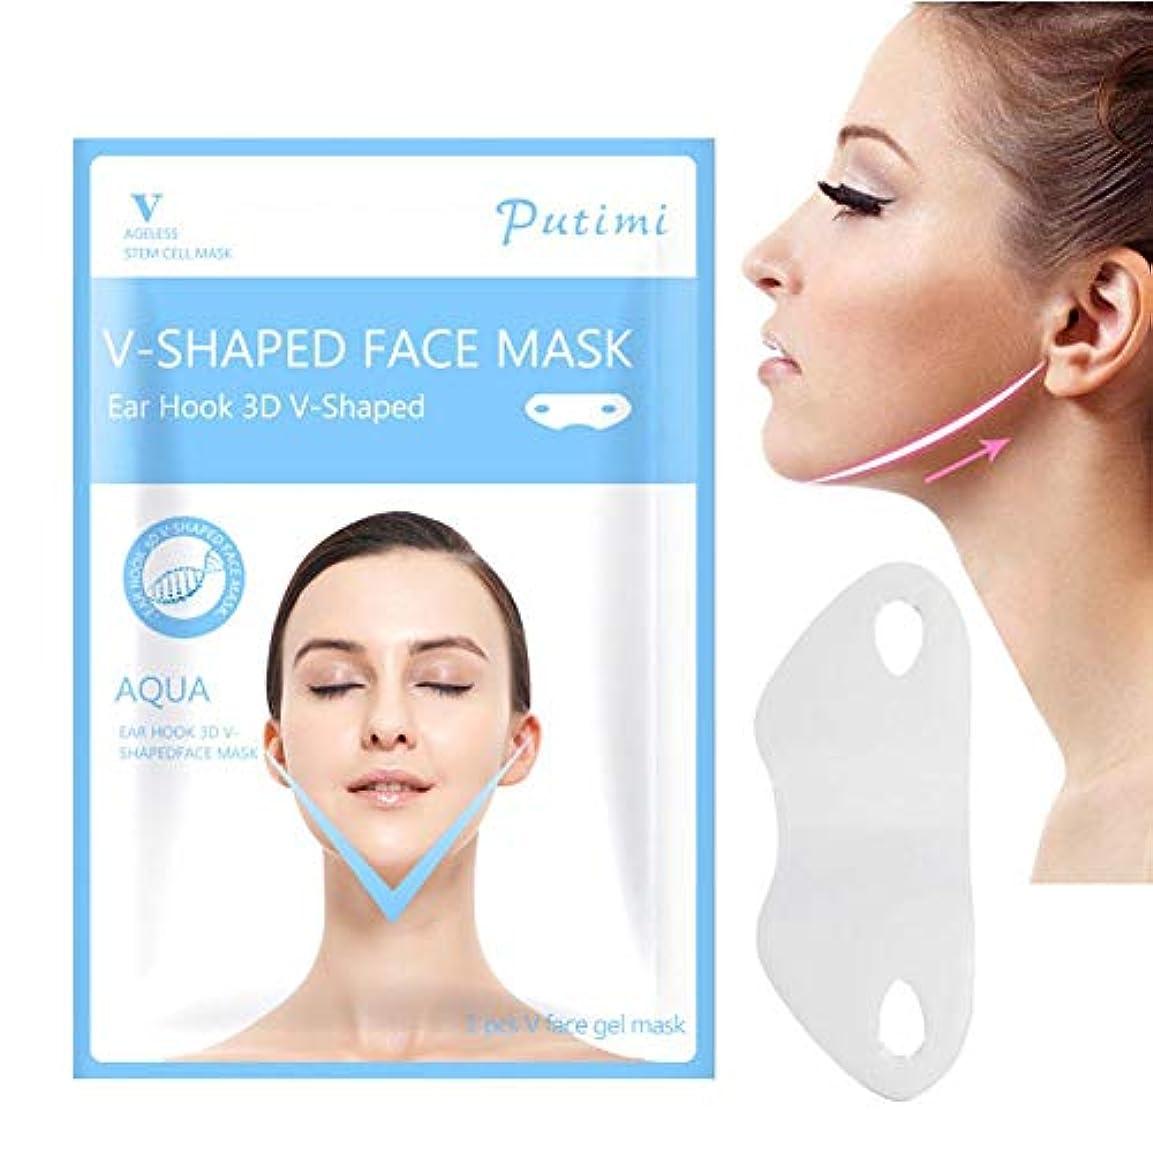 パトロールスコアながらSILUN 最新型 Vフェイシャルマスク フェイスマスク 小顔 マスク フェイスラインベルト 美顔 顔痩せ 保湿 血行を促進する 睡眠マスク